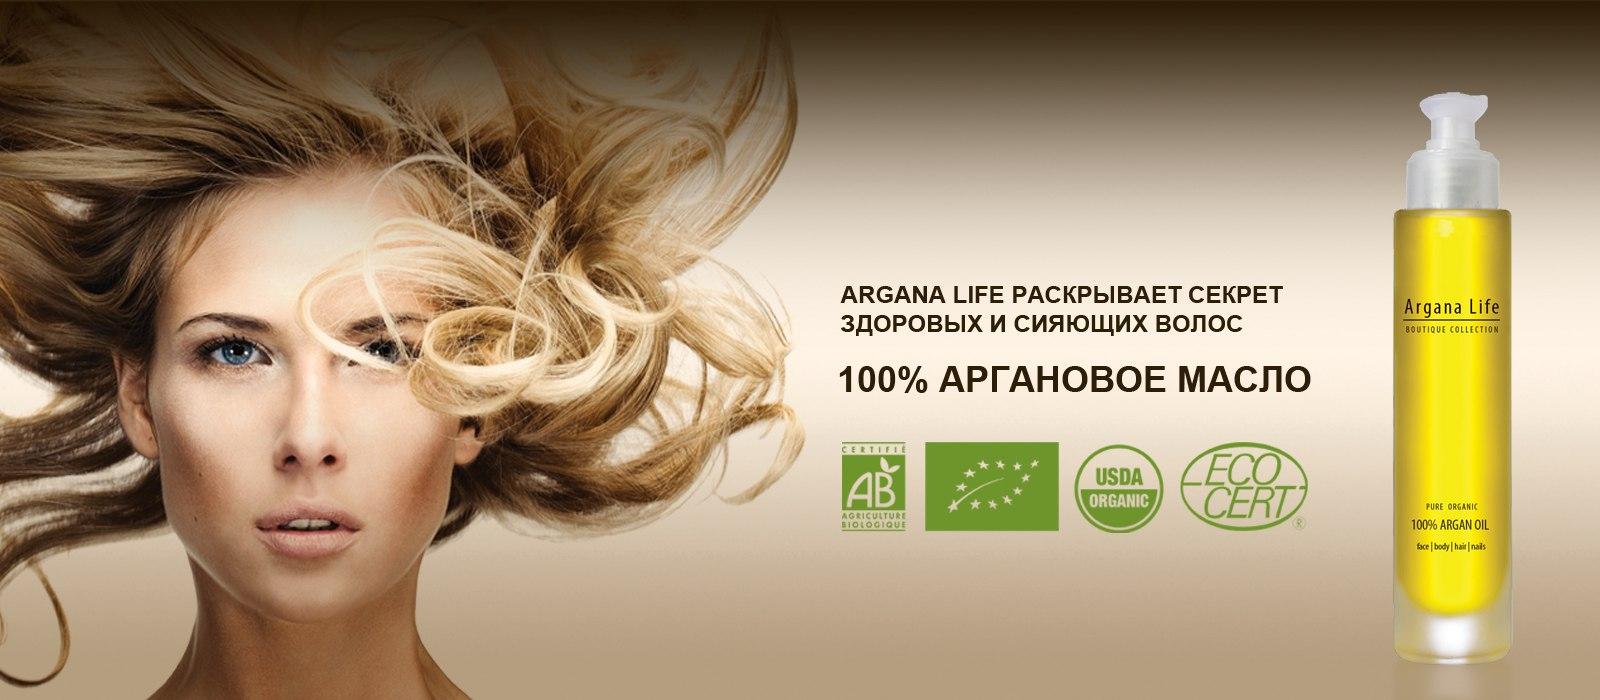 Argana Life